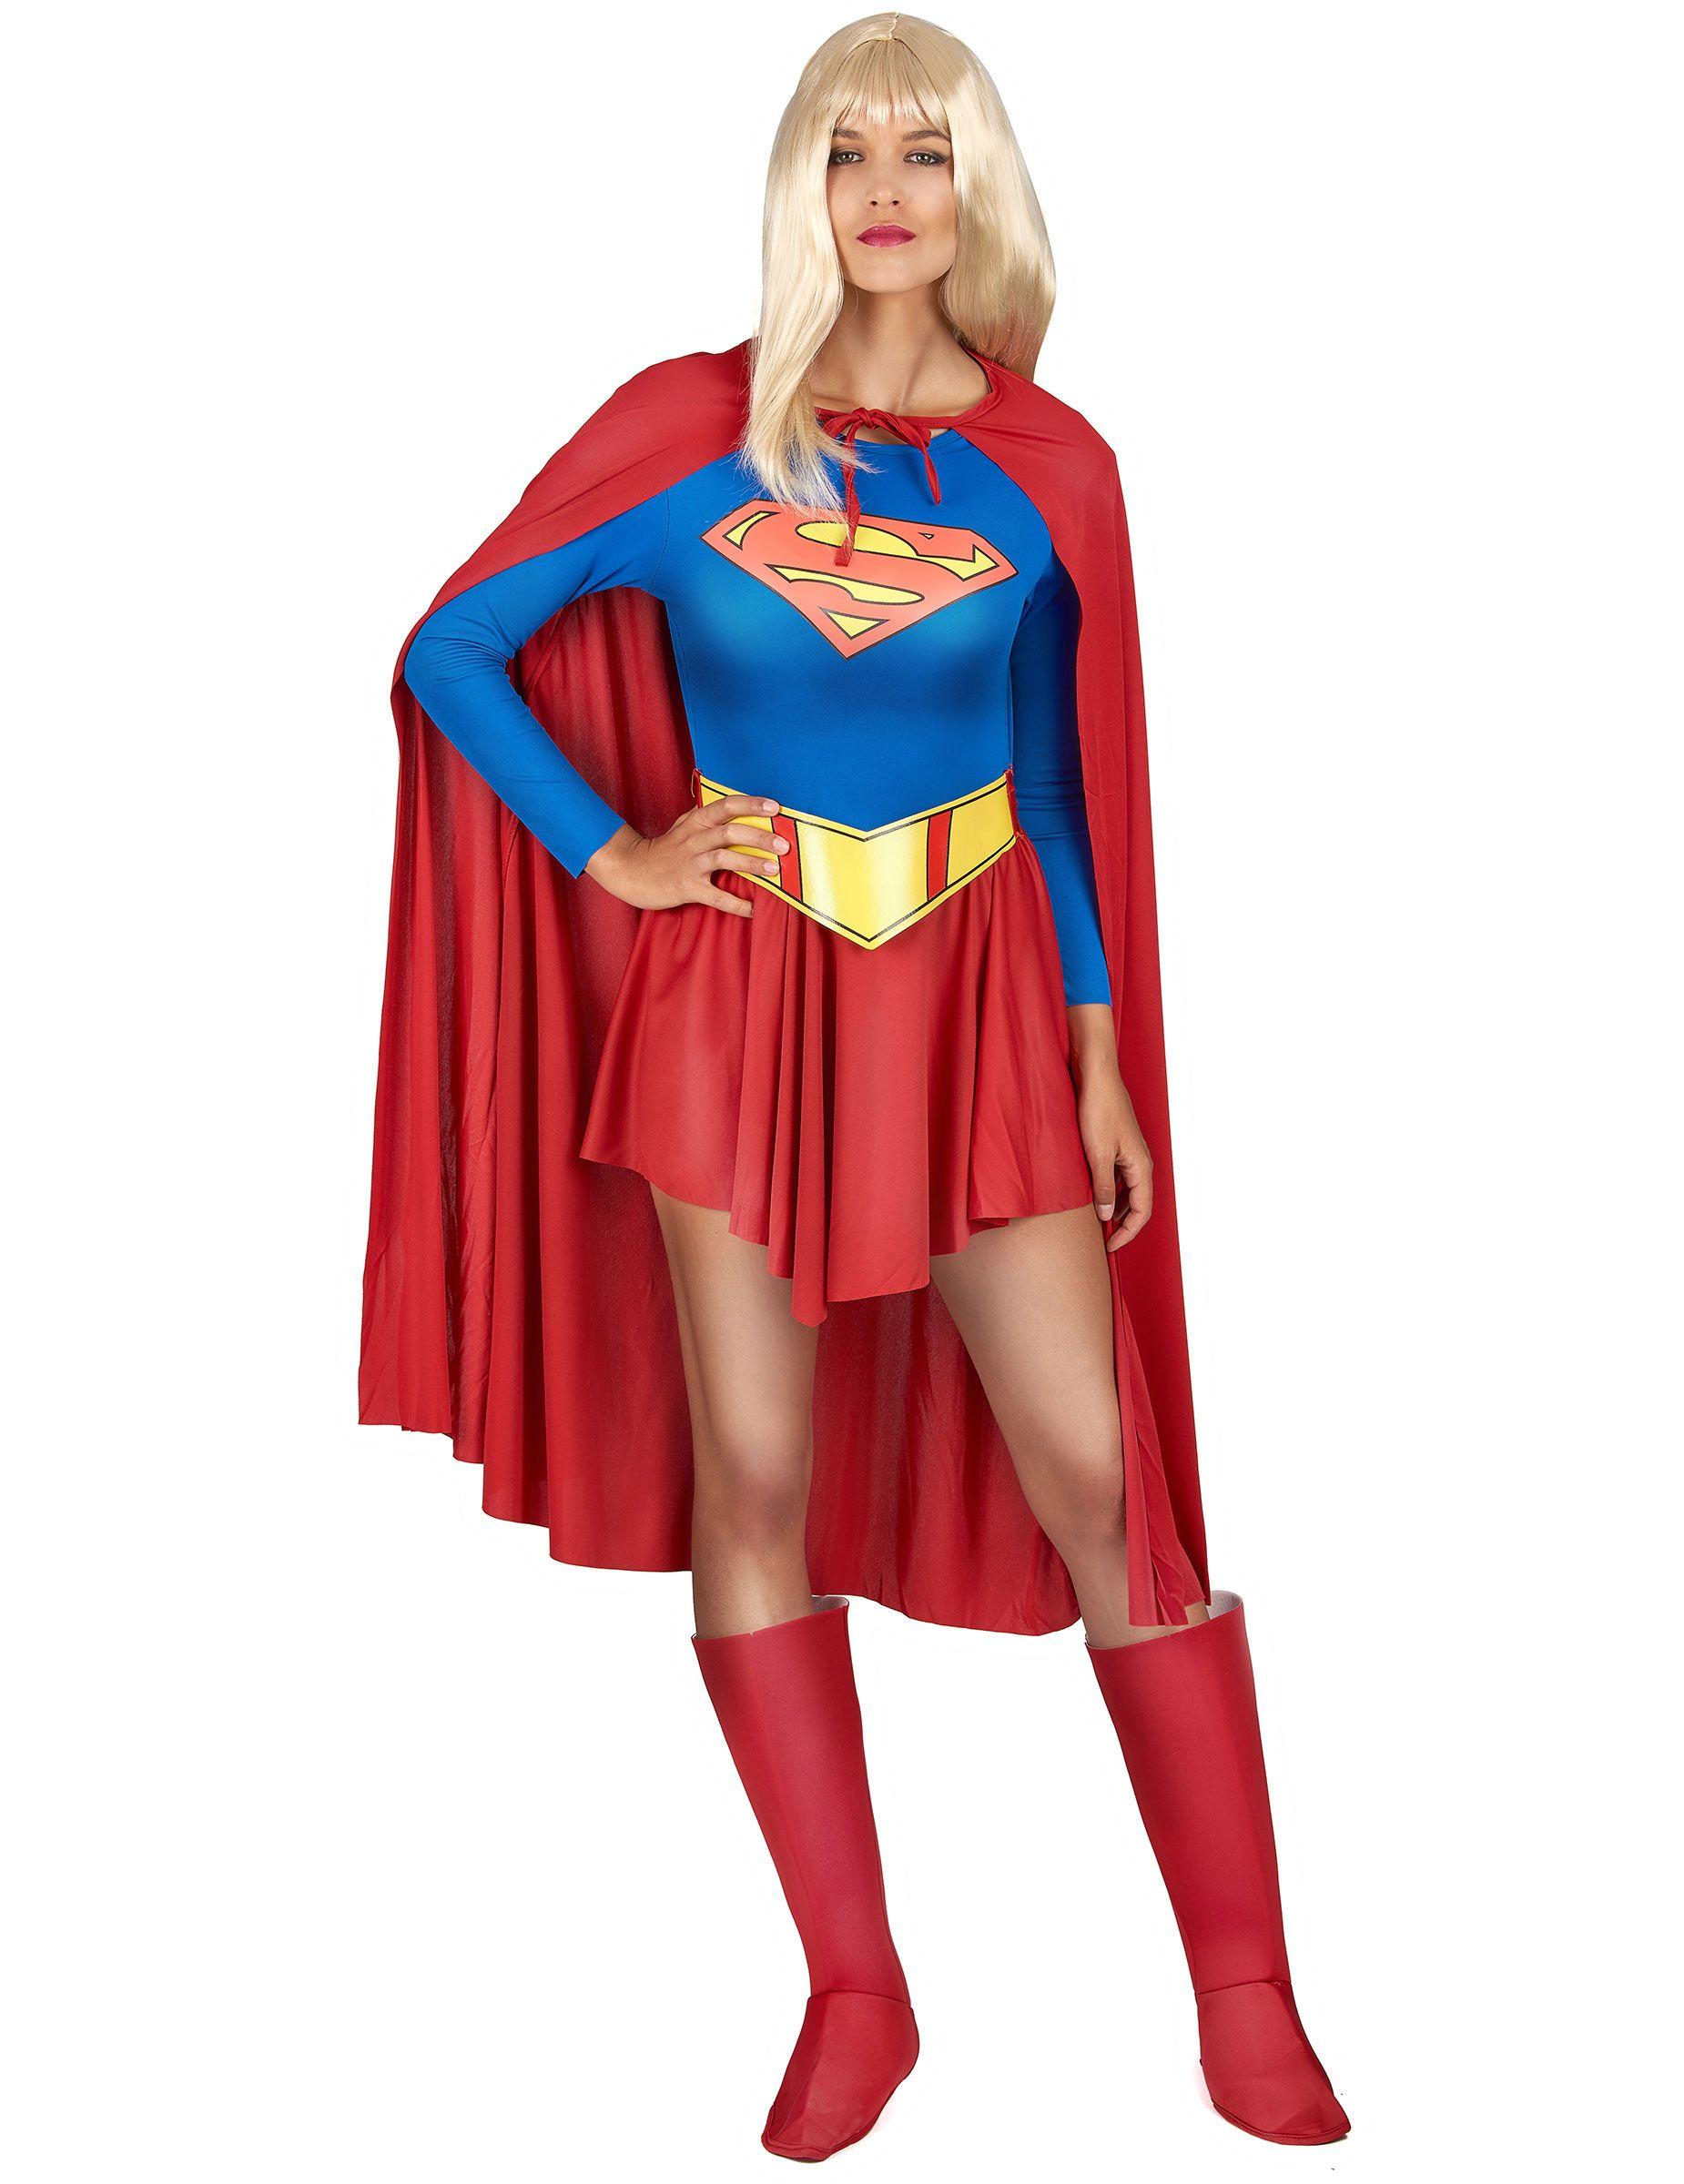 Dc Comics · Disfraz de Supergirl™ para mujer  Disfraz de Supergirl™ en su  versión clásica. 7f24696a894d